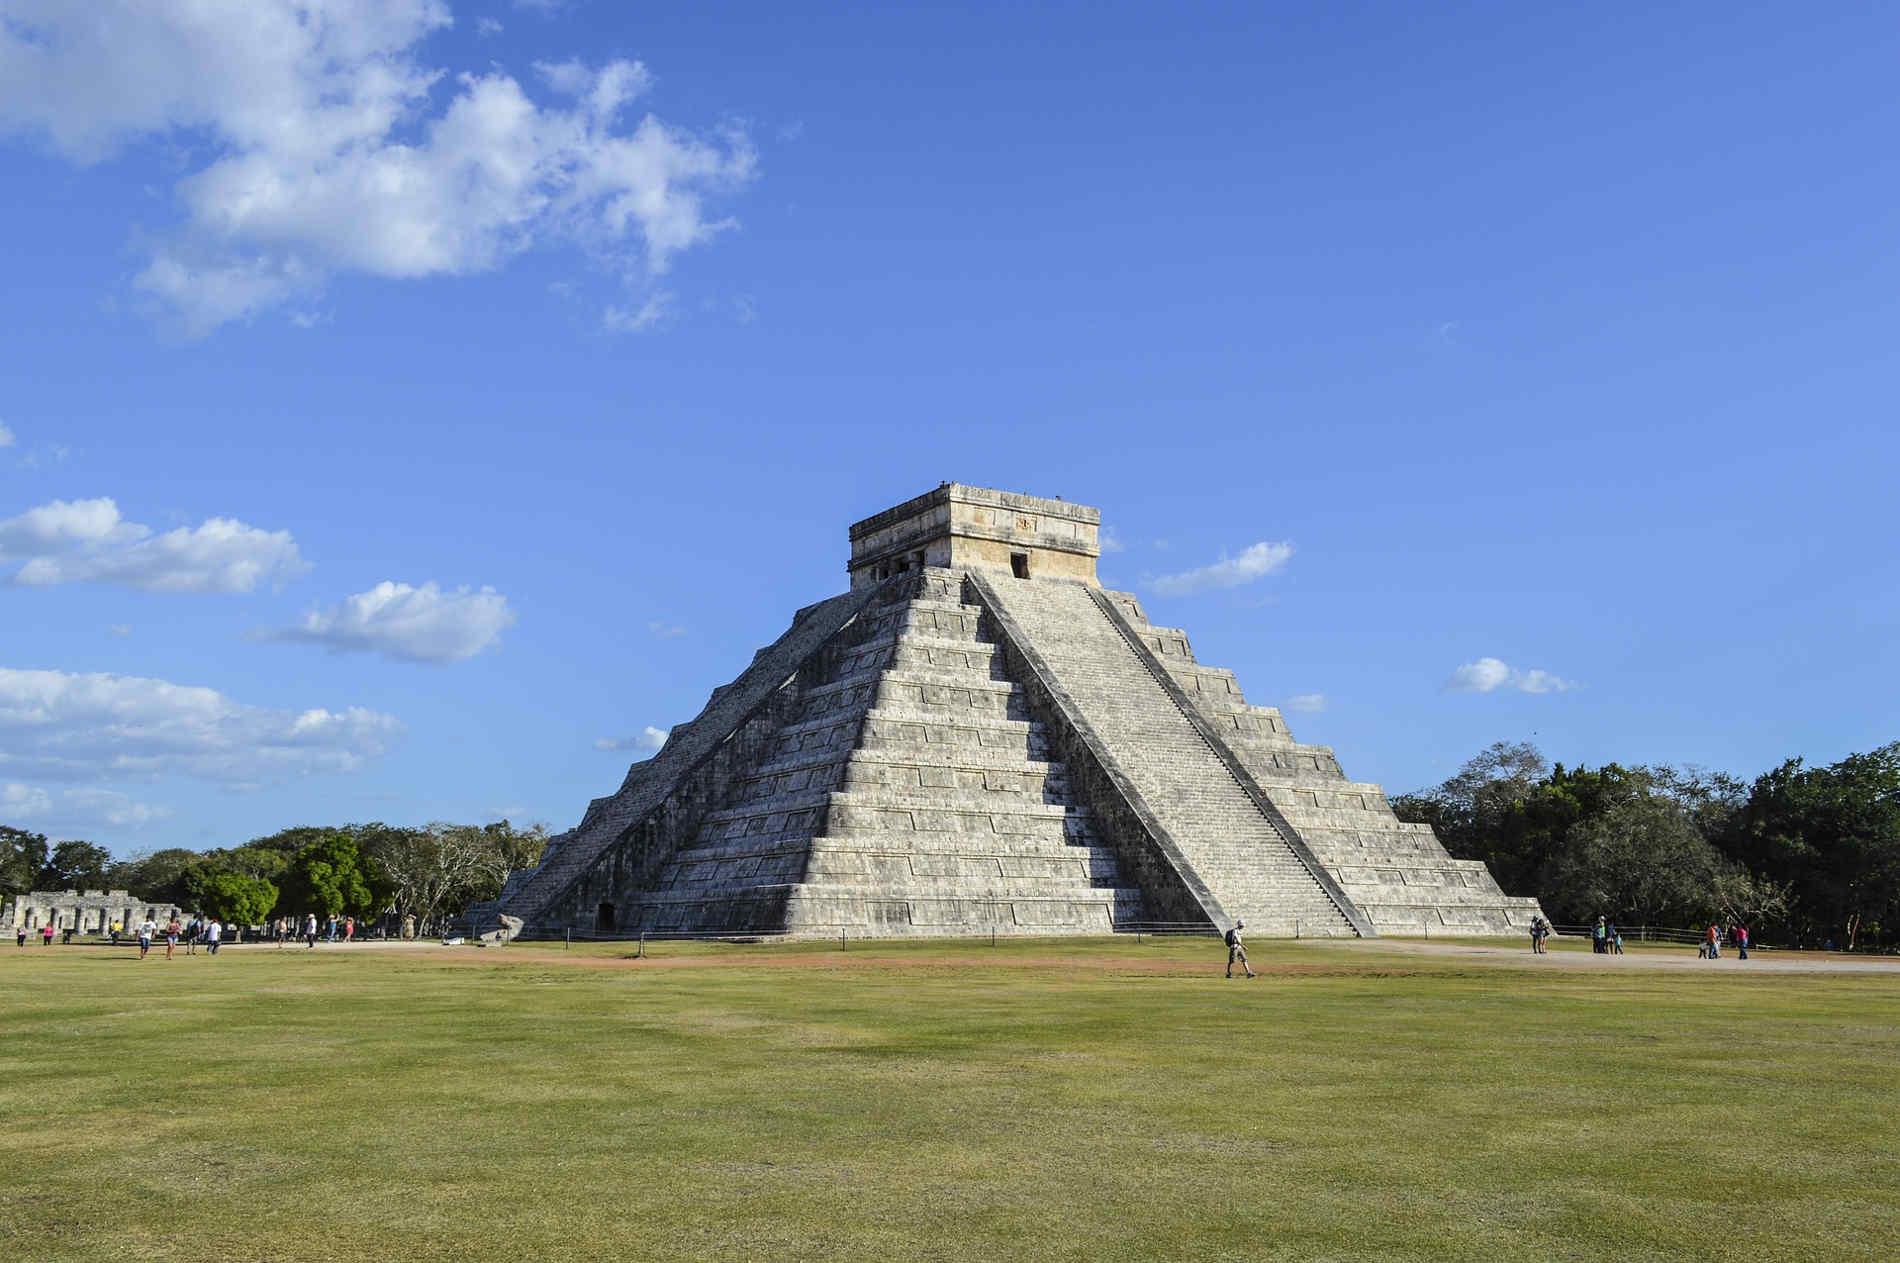 La spettacolare Piramide di Kukulkan a Chichen Itza, in messico